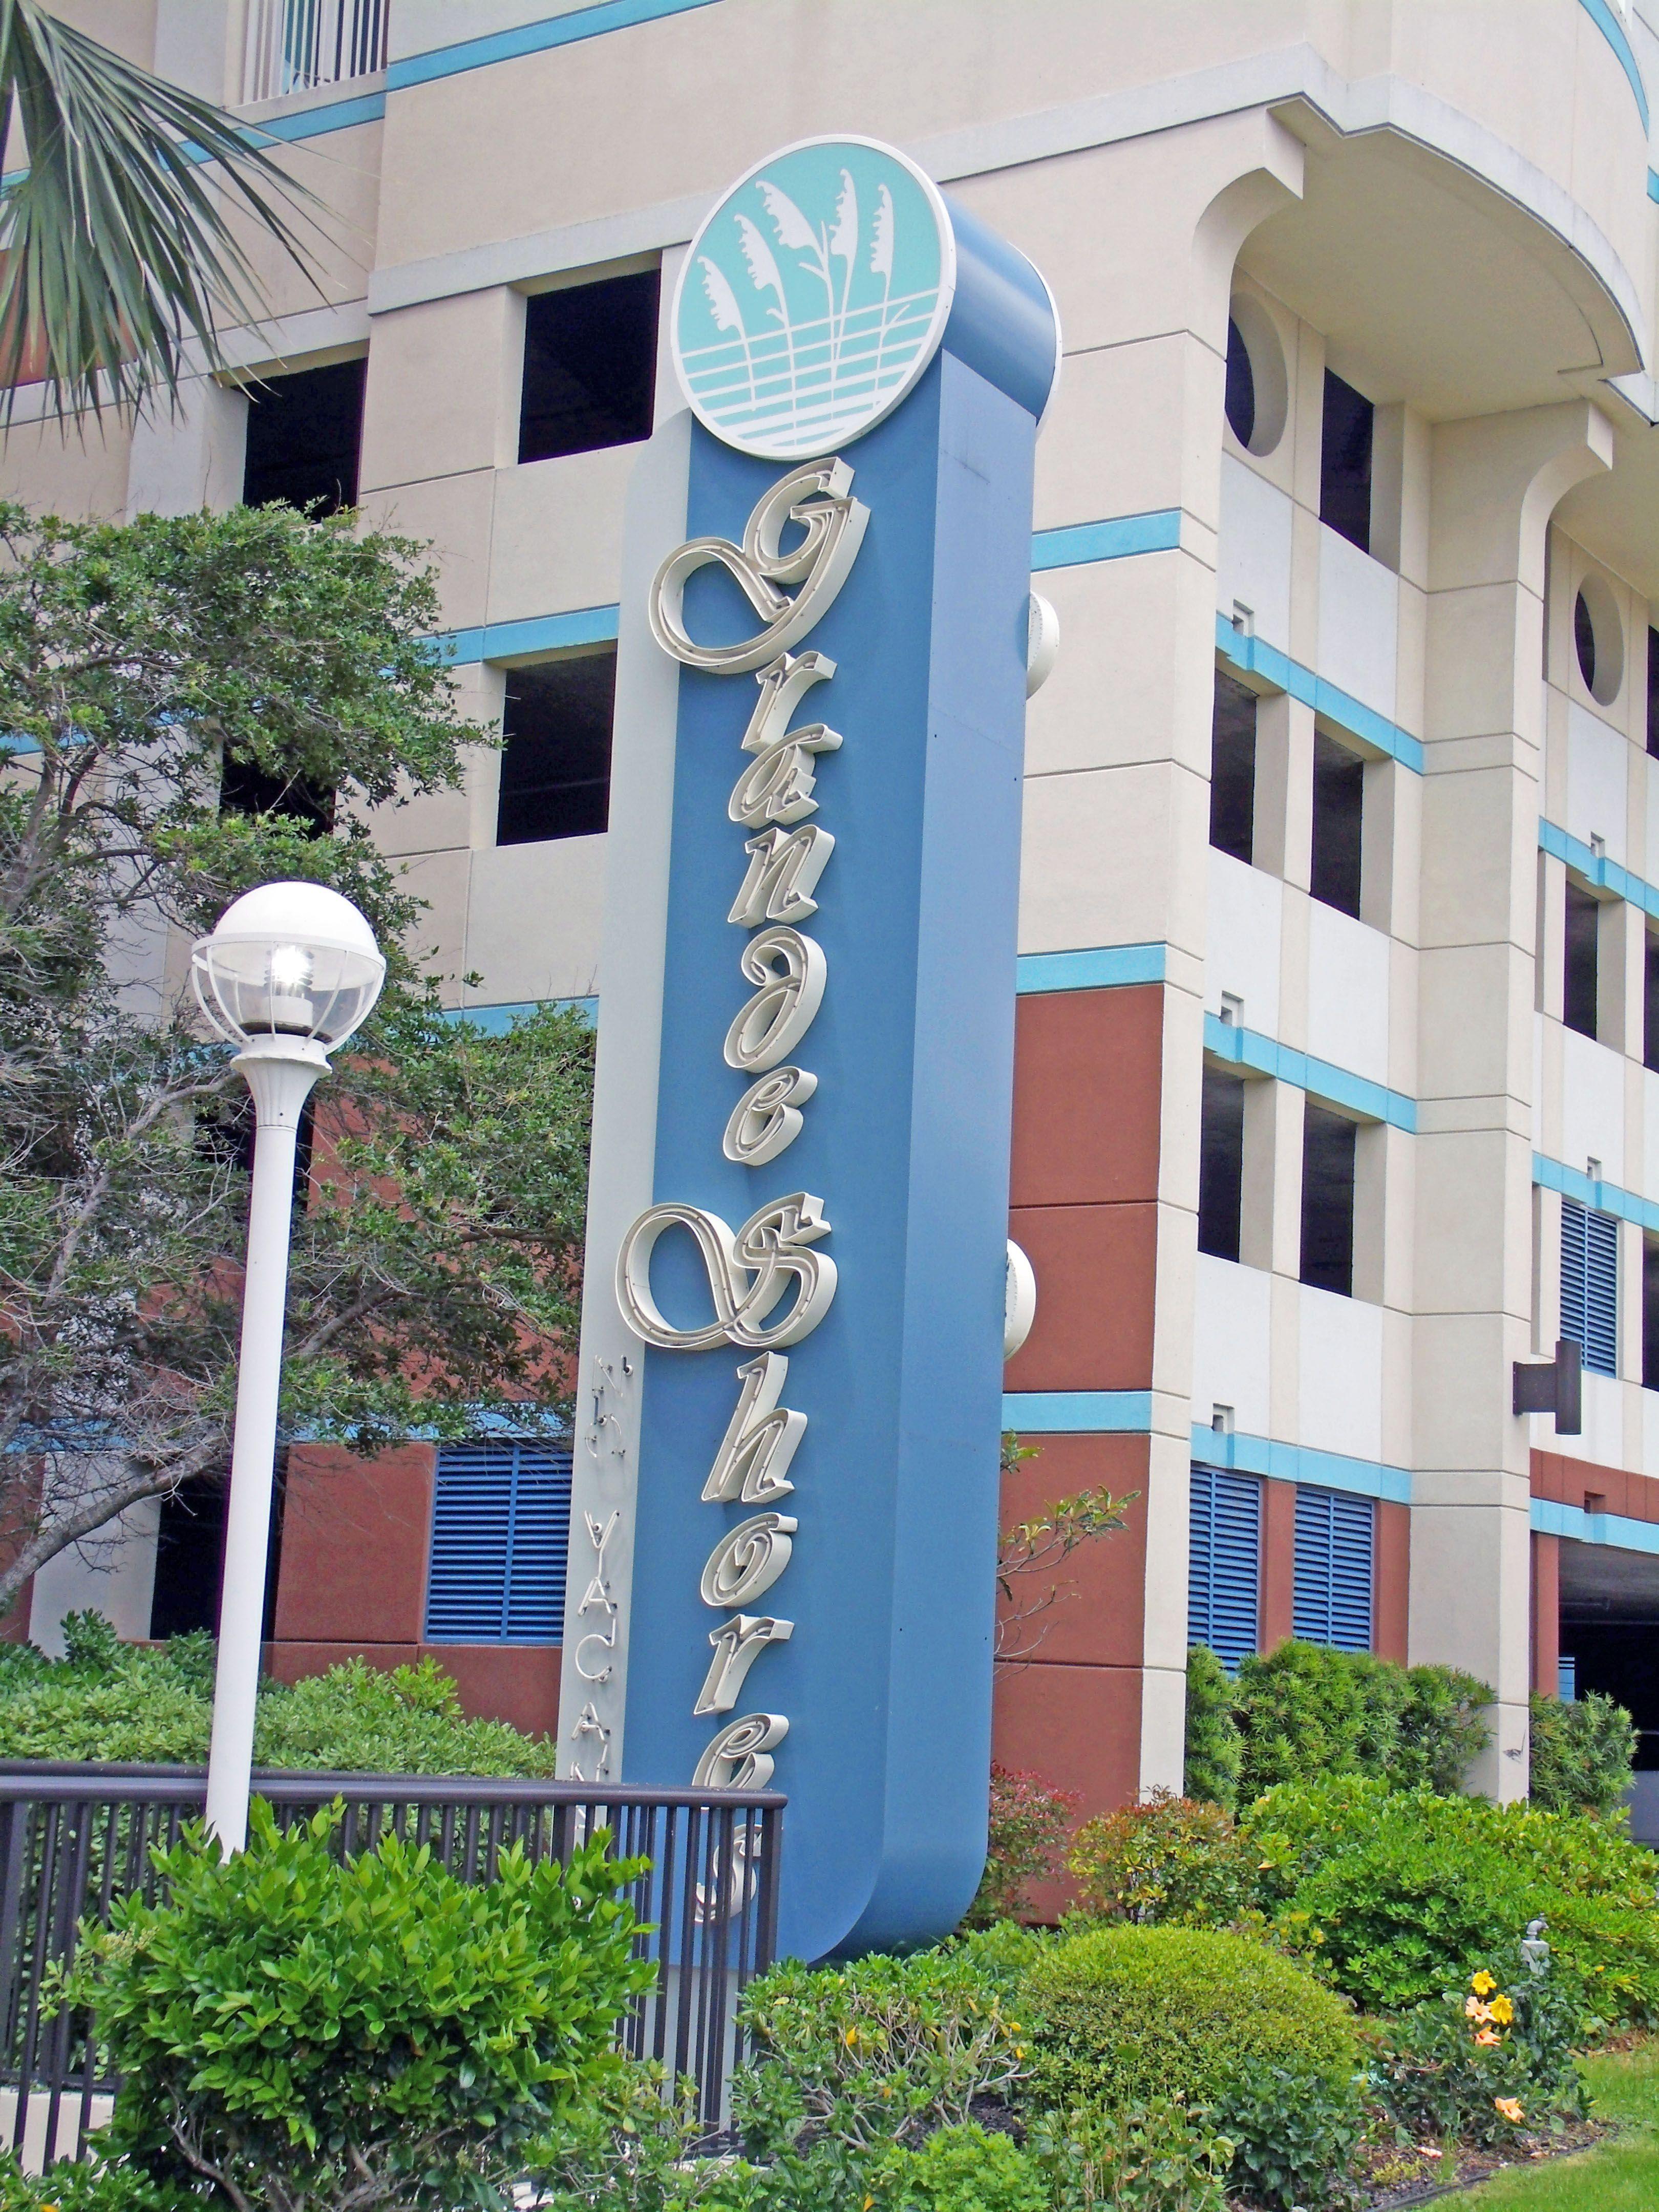 Oceanfront Hotels In Myrtle Beach Sc Grande Shores Ocean Resort Myrtle Beach Hotels Myrtle Beach Ocean Resort